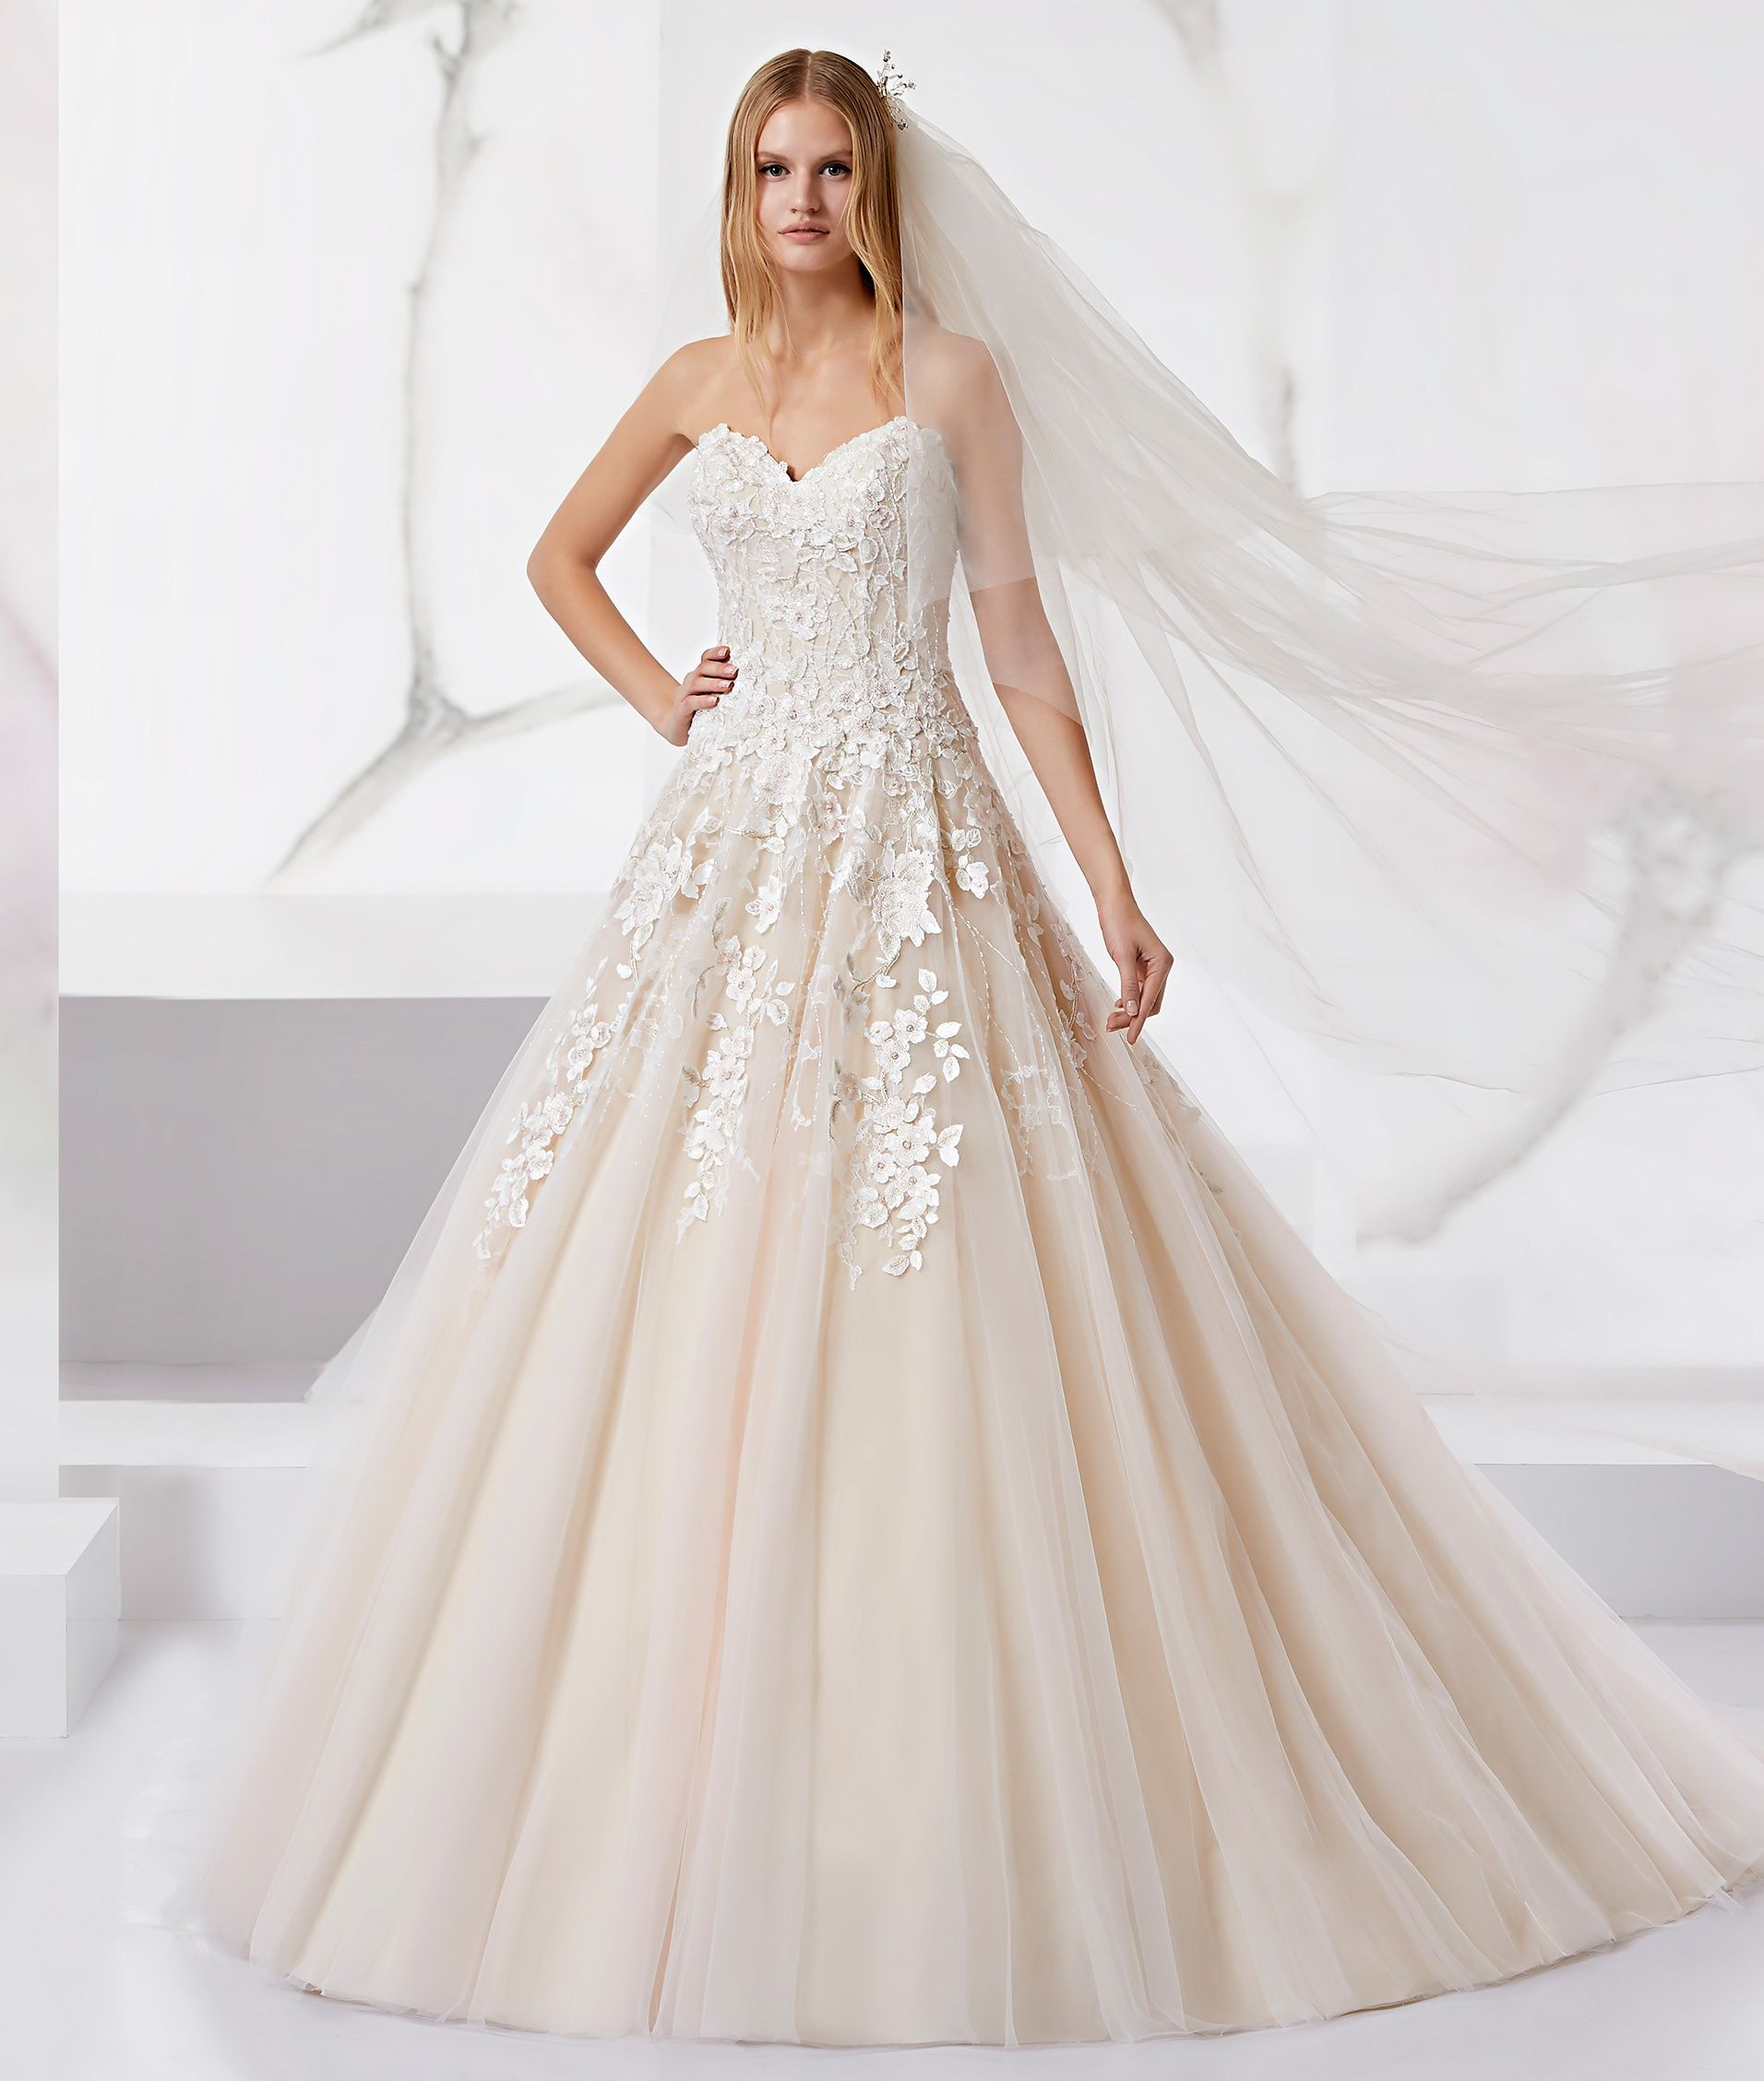 Moda Sposa 2018 Collezione Jolies Joab18487 Abito Da Sposa Nicole Laccio Abito Da Sposa Vestiti Da Ballo Abito Da Sposa A Trapezio